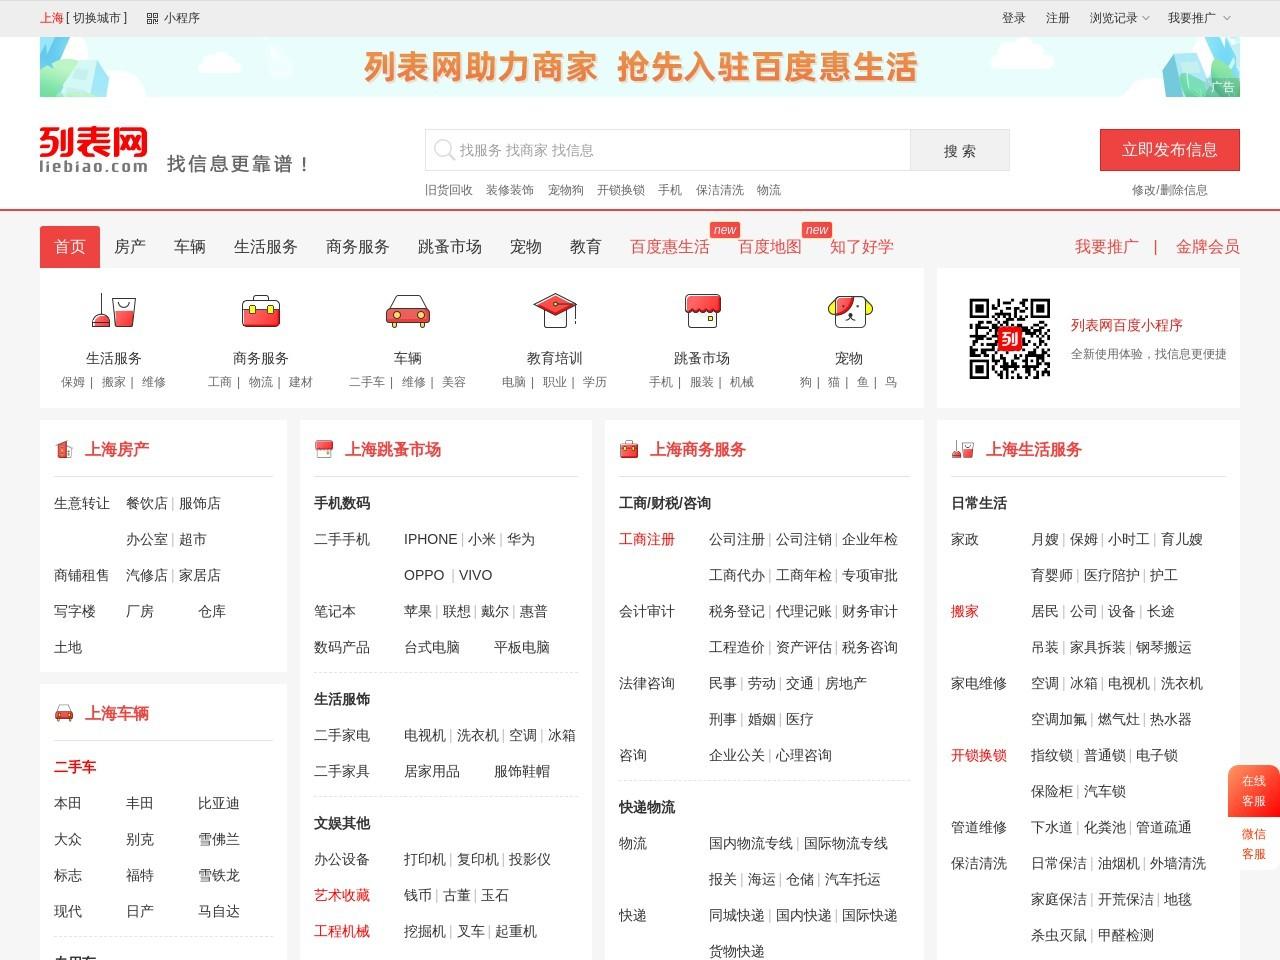 上海列表网-上海分类信息免费查询和发布